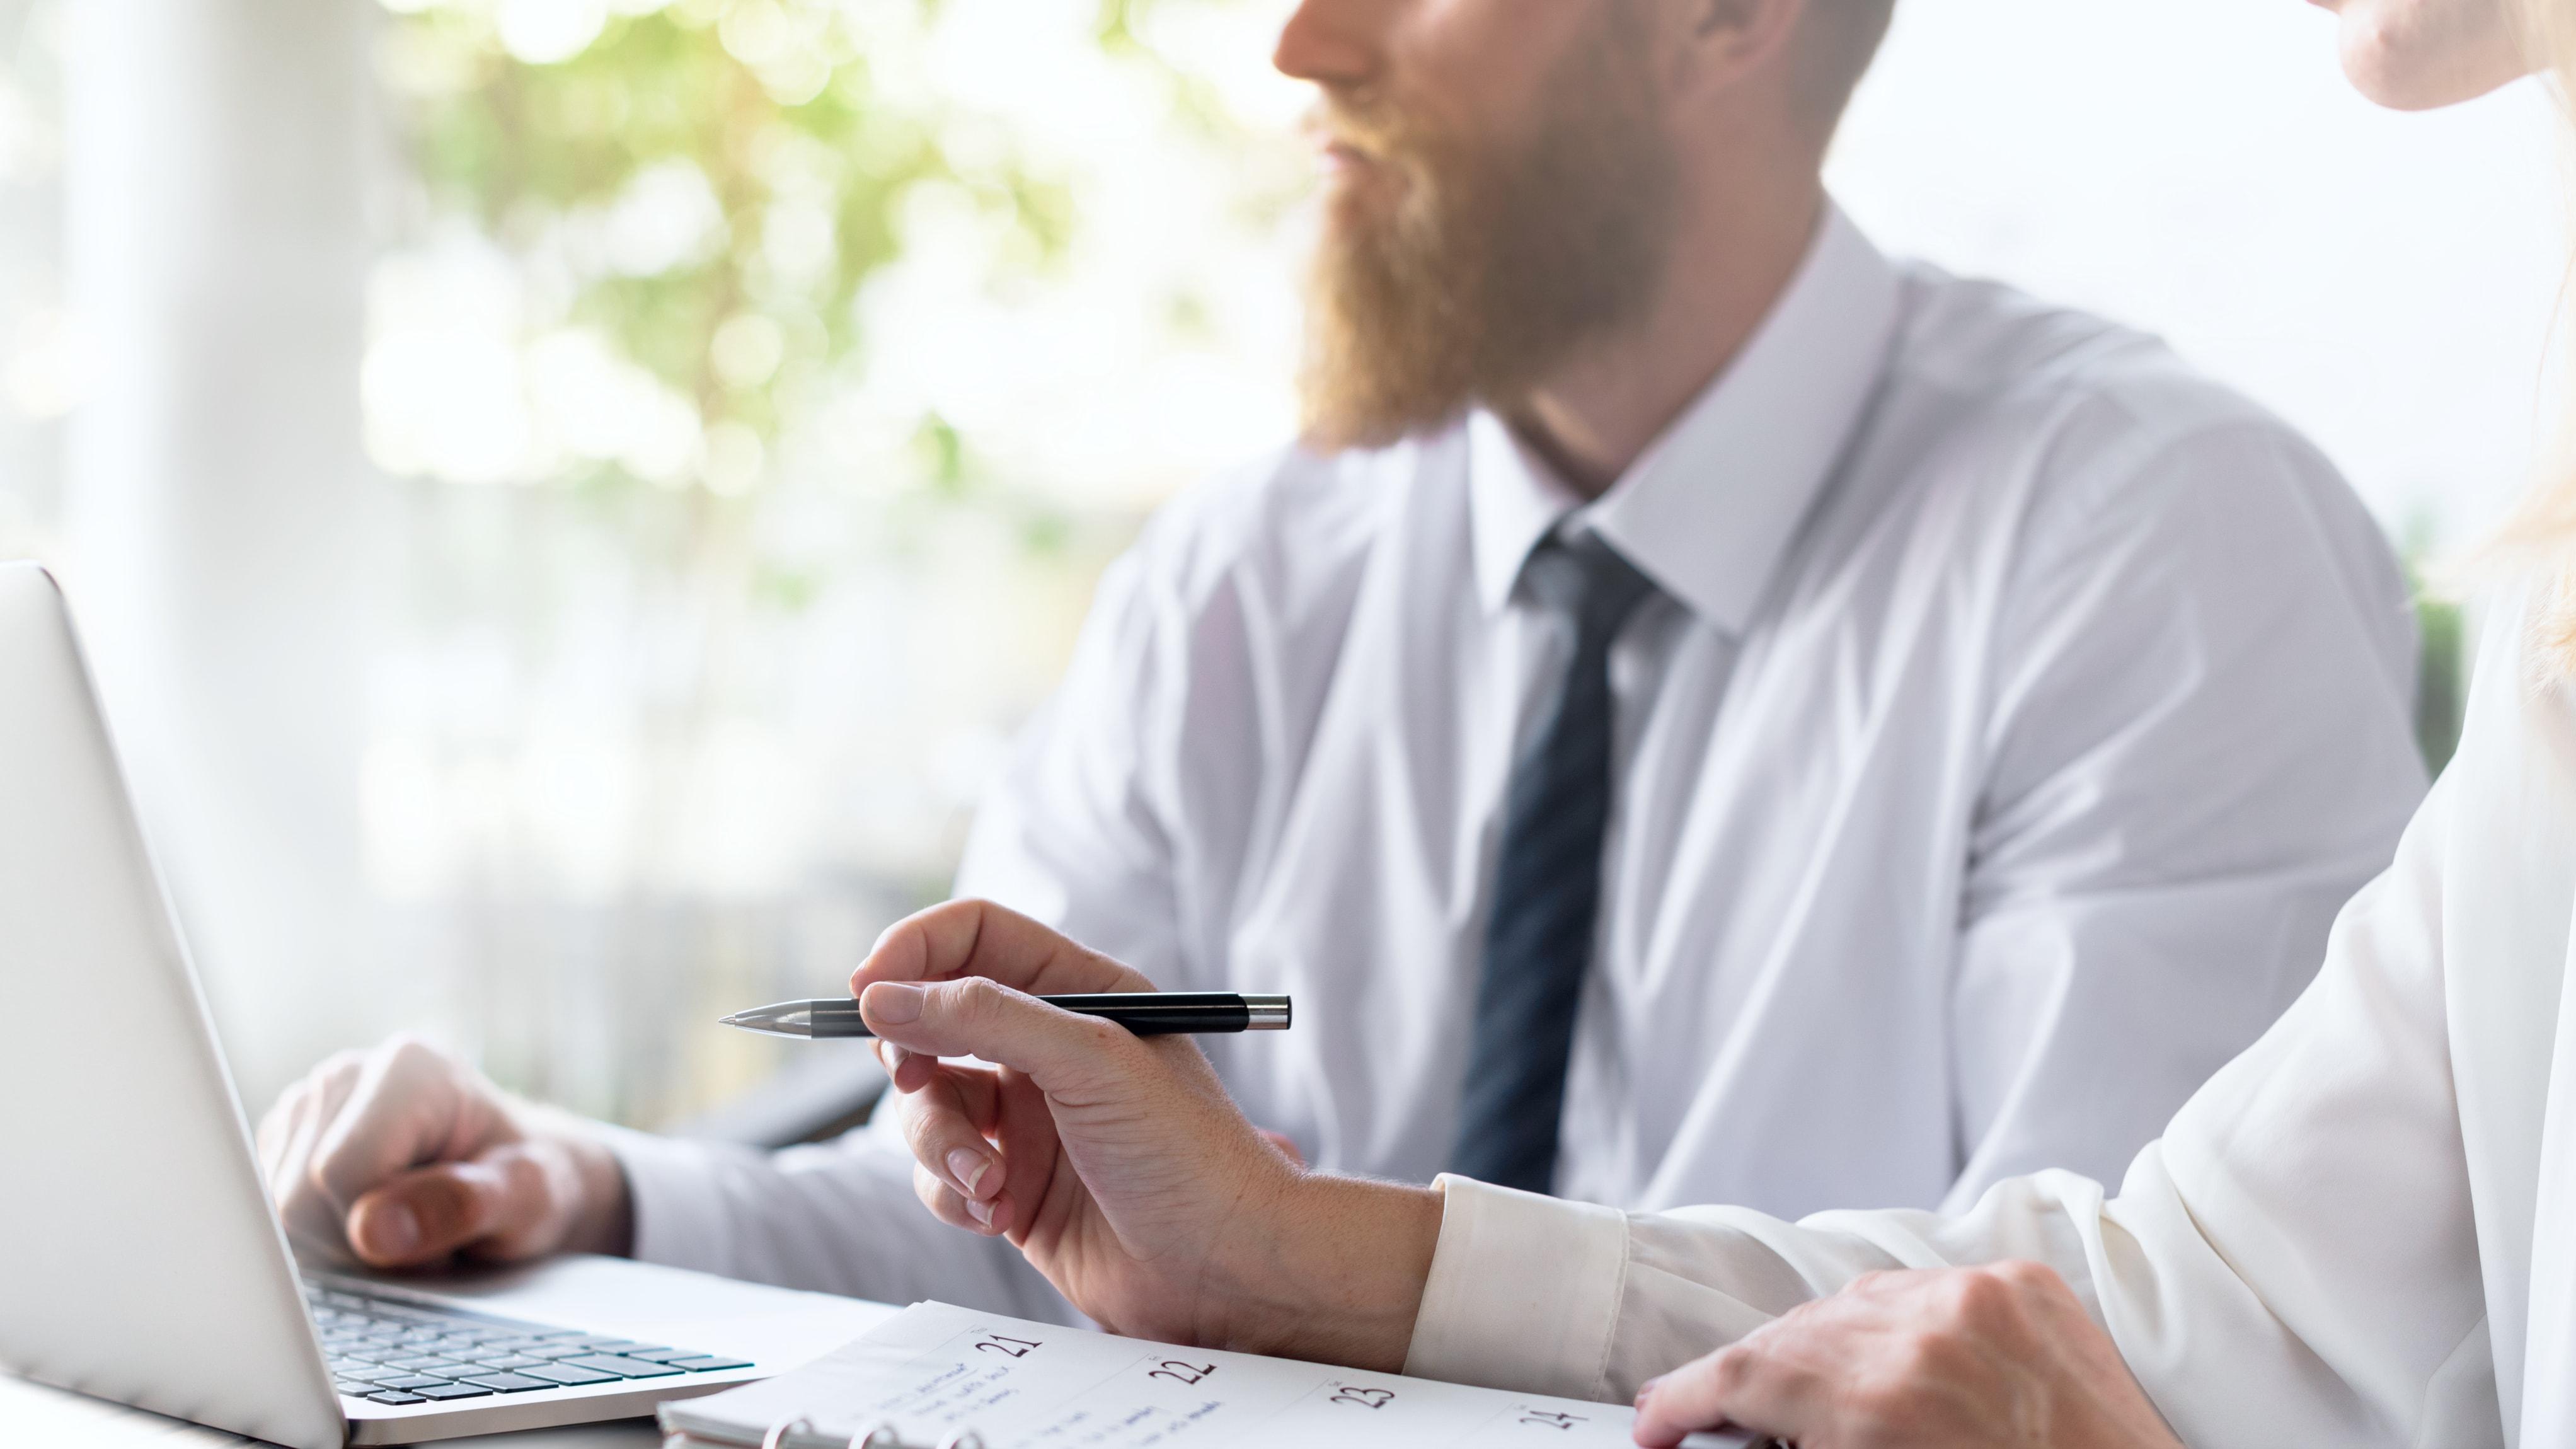 Starta redovisningsbyrå - 6 tips för lyckad klienthantering